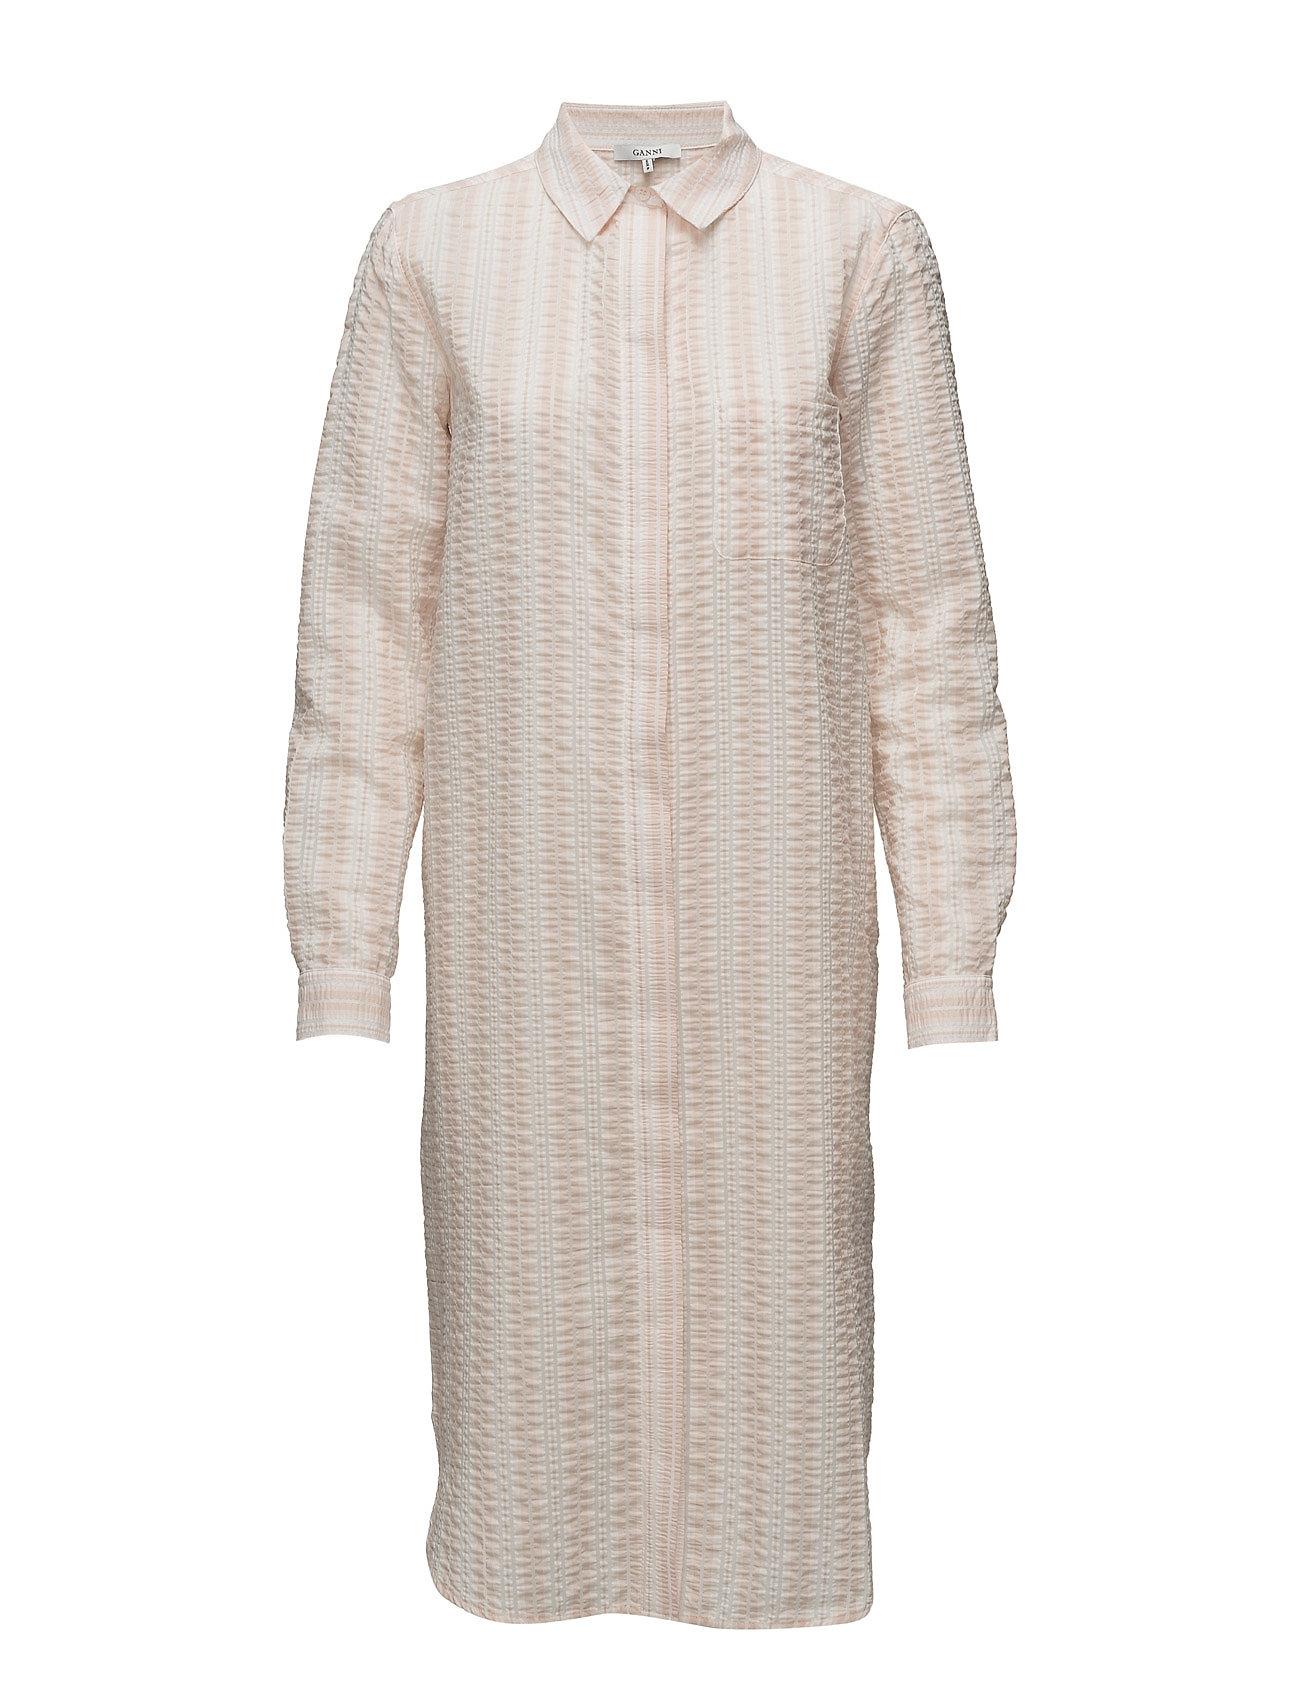 Ganni Charron Shirt Dress